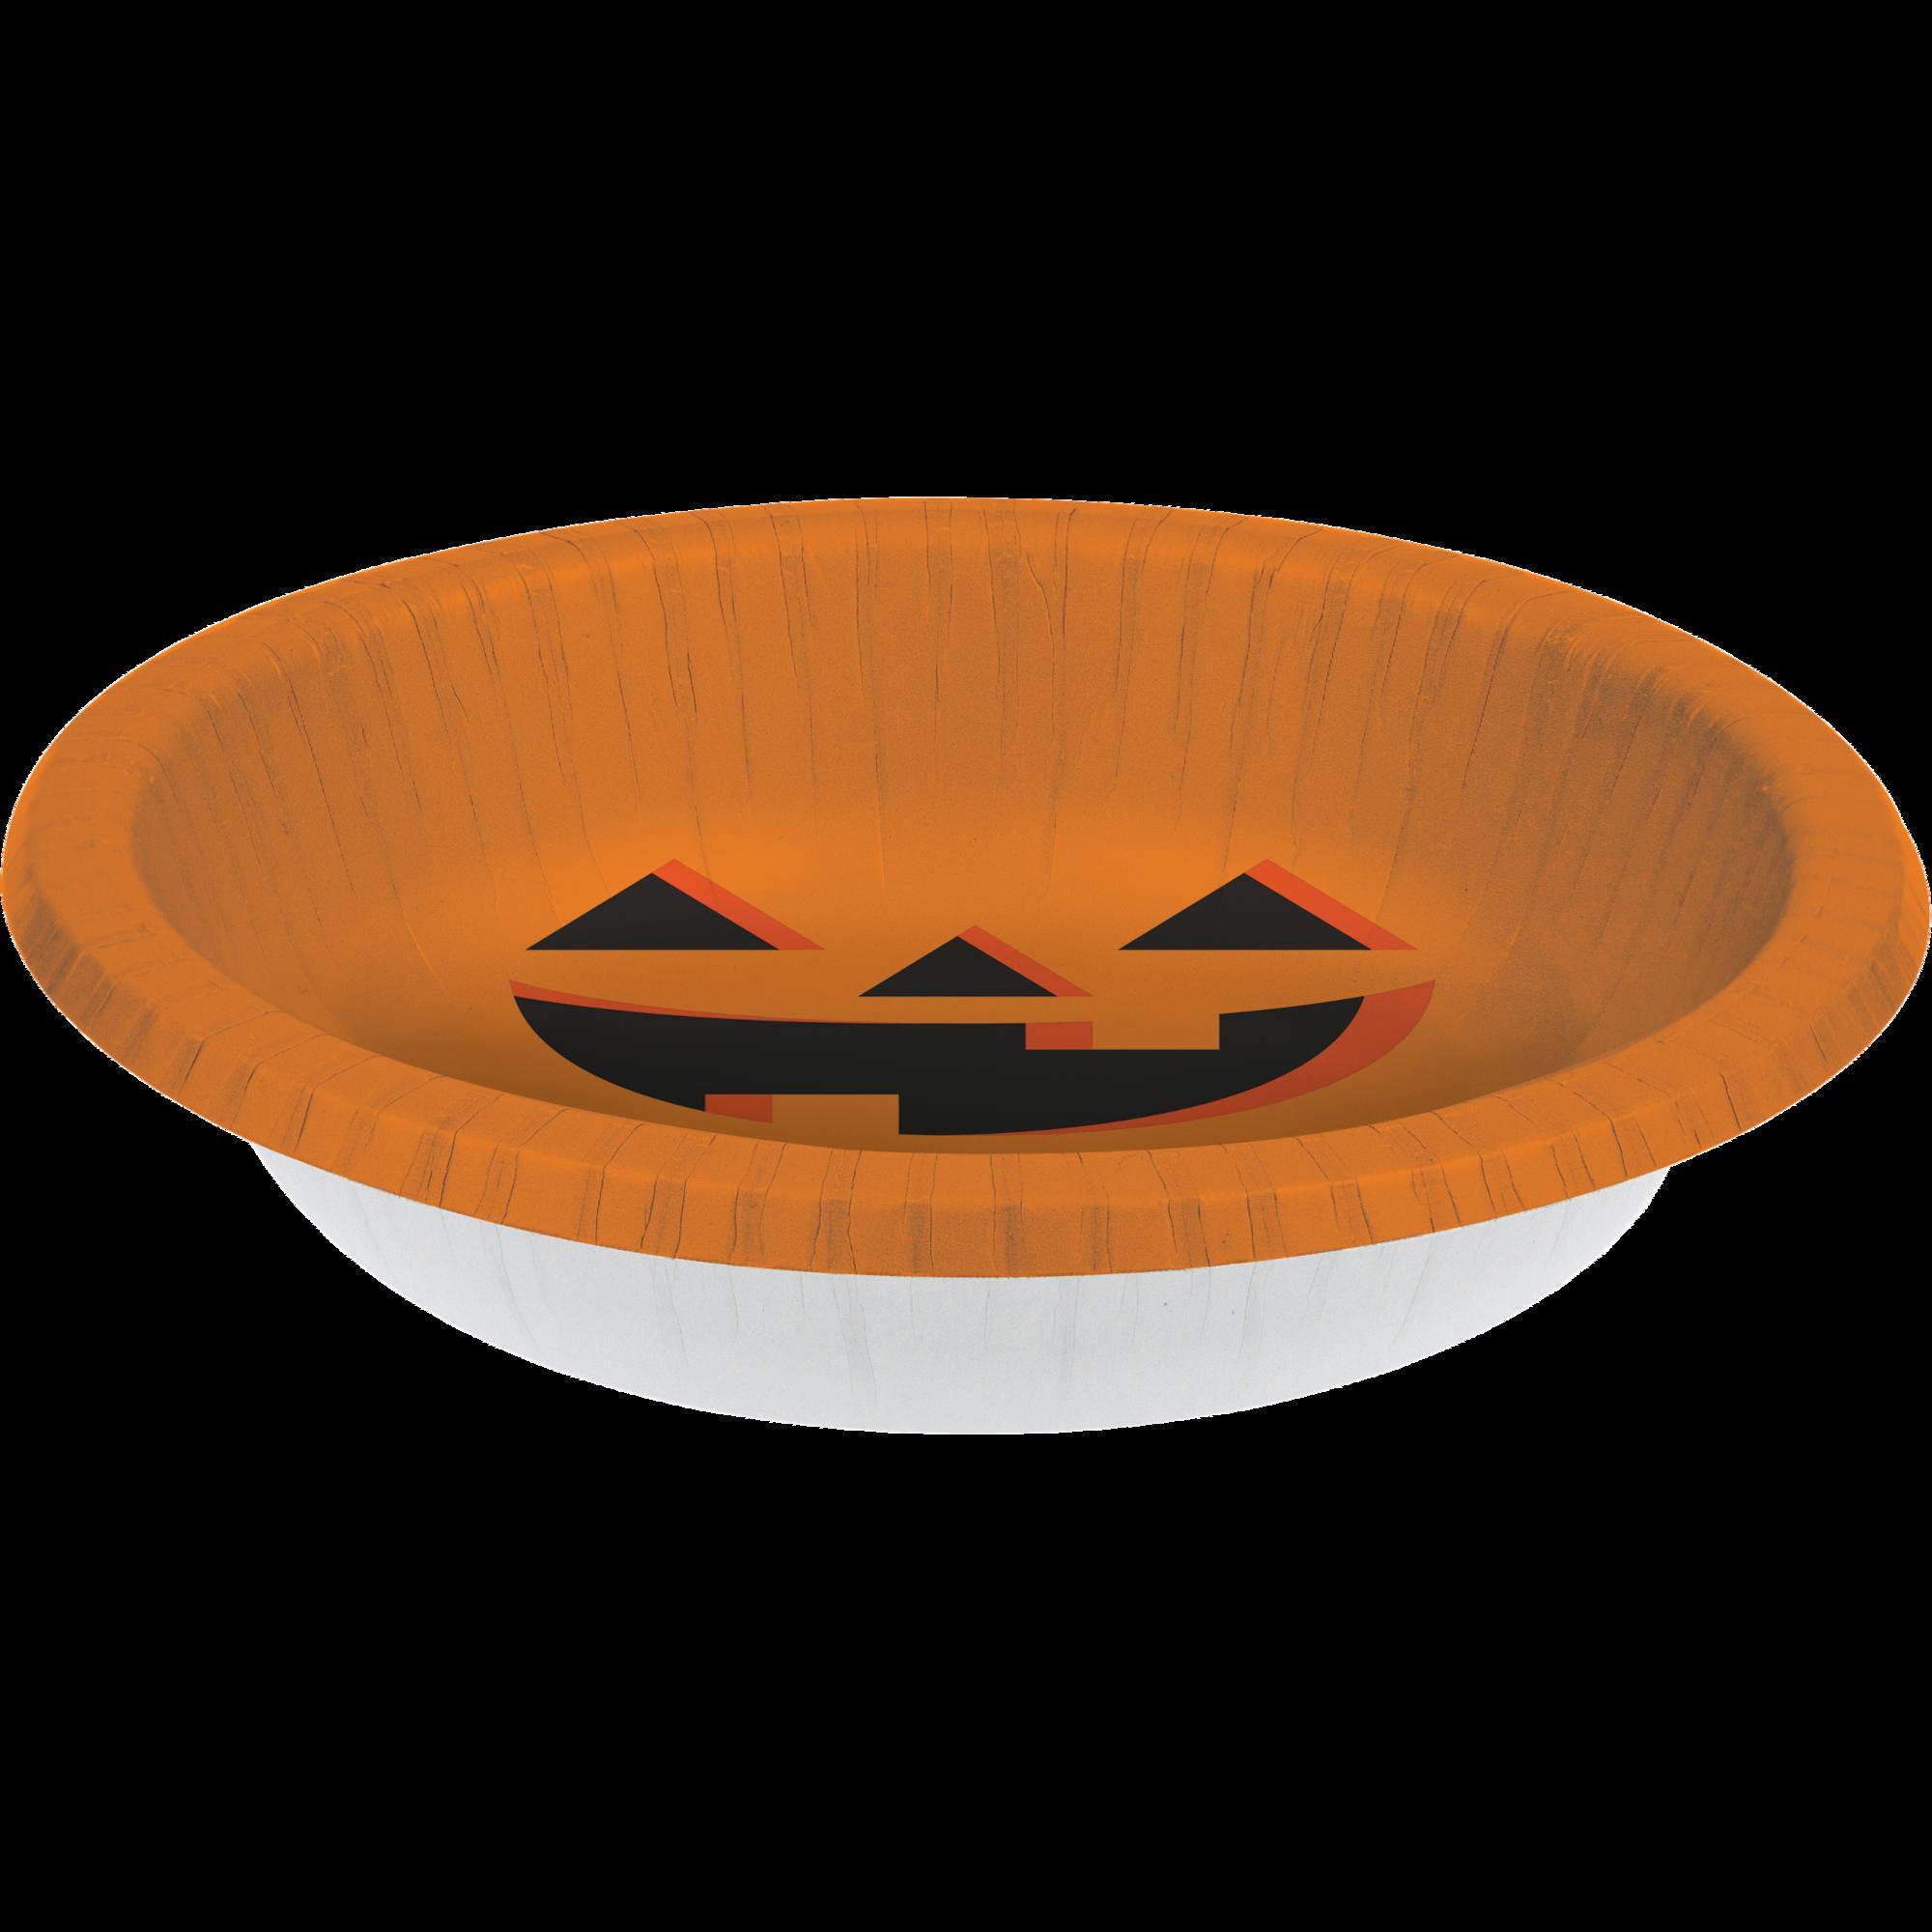 Pumpkin clipart oval.  case halloween oz